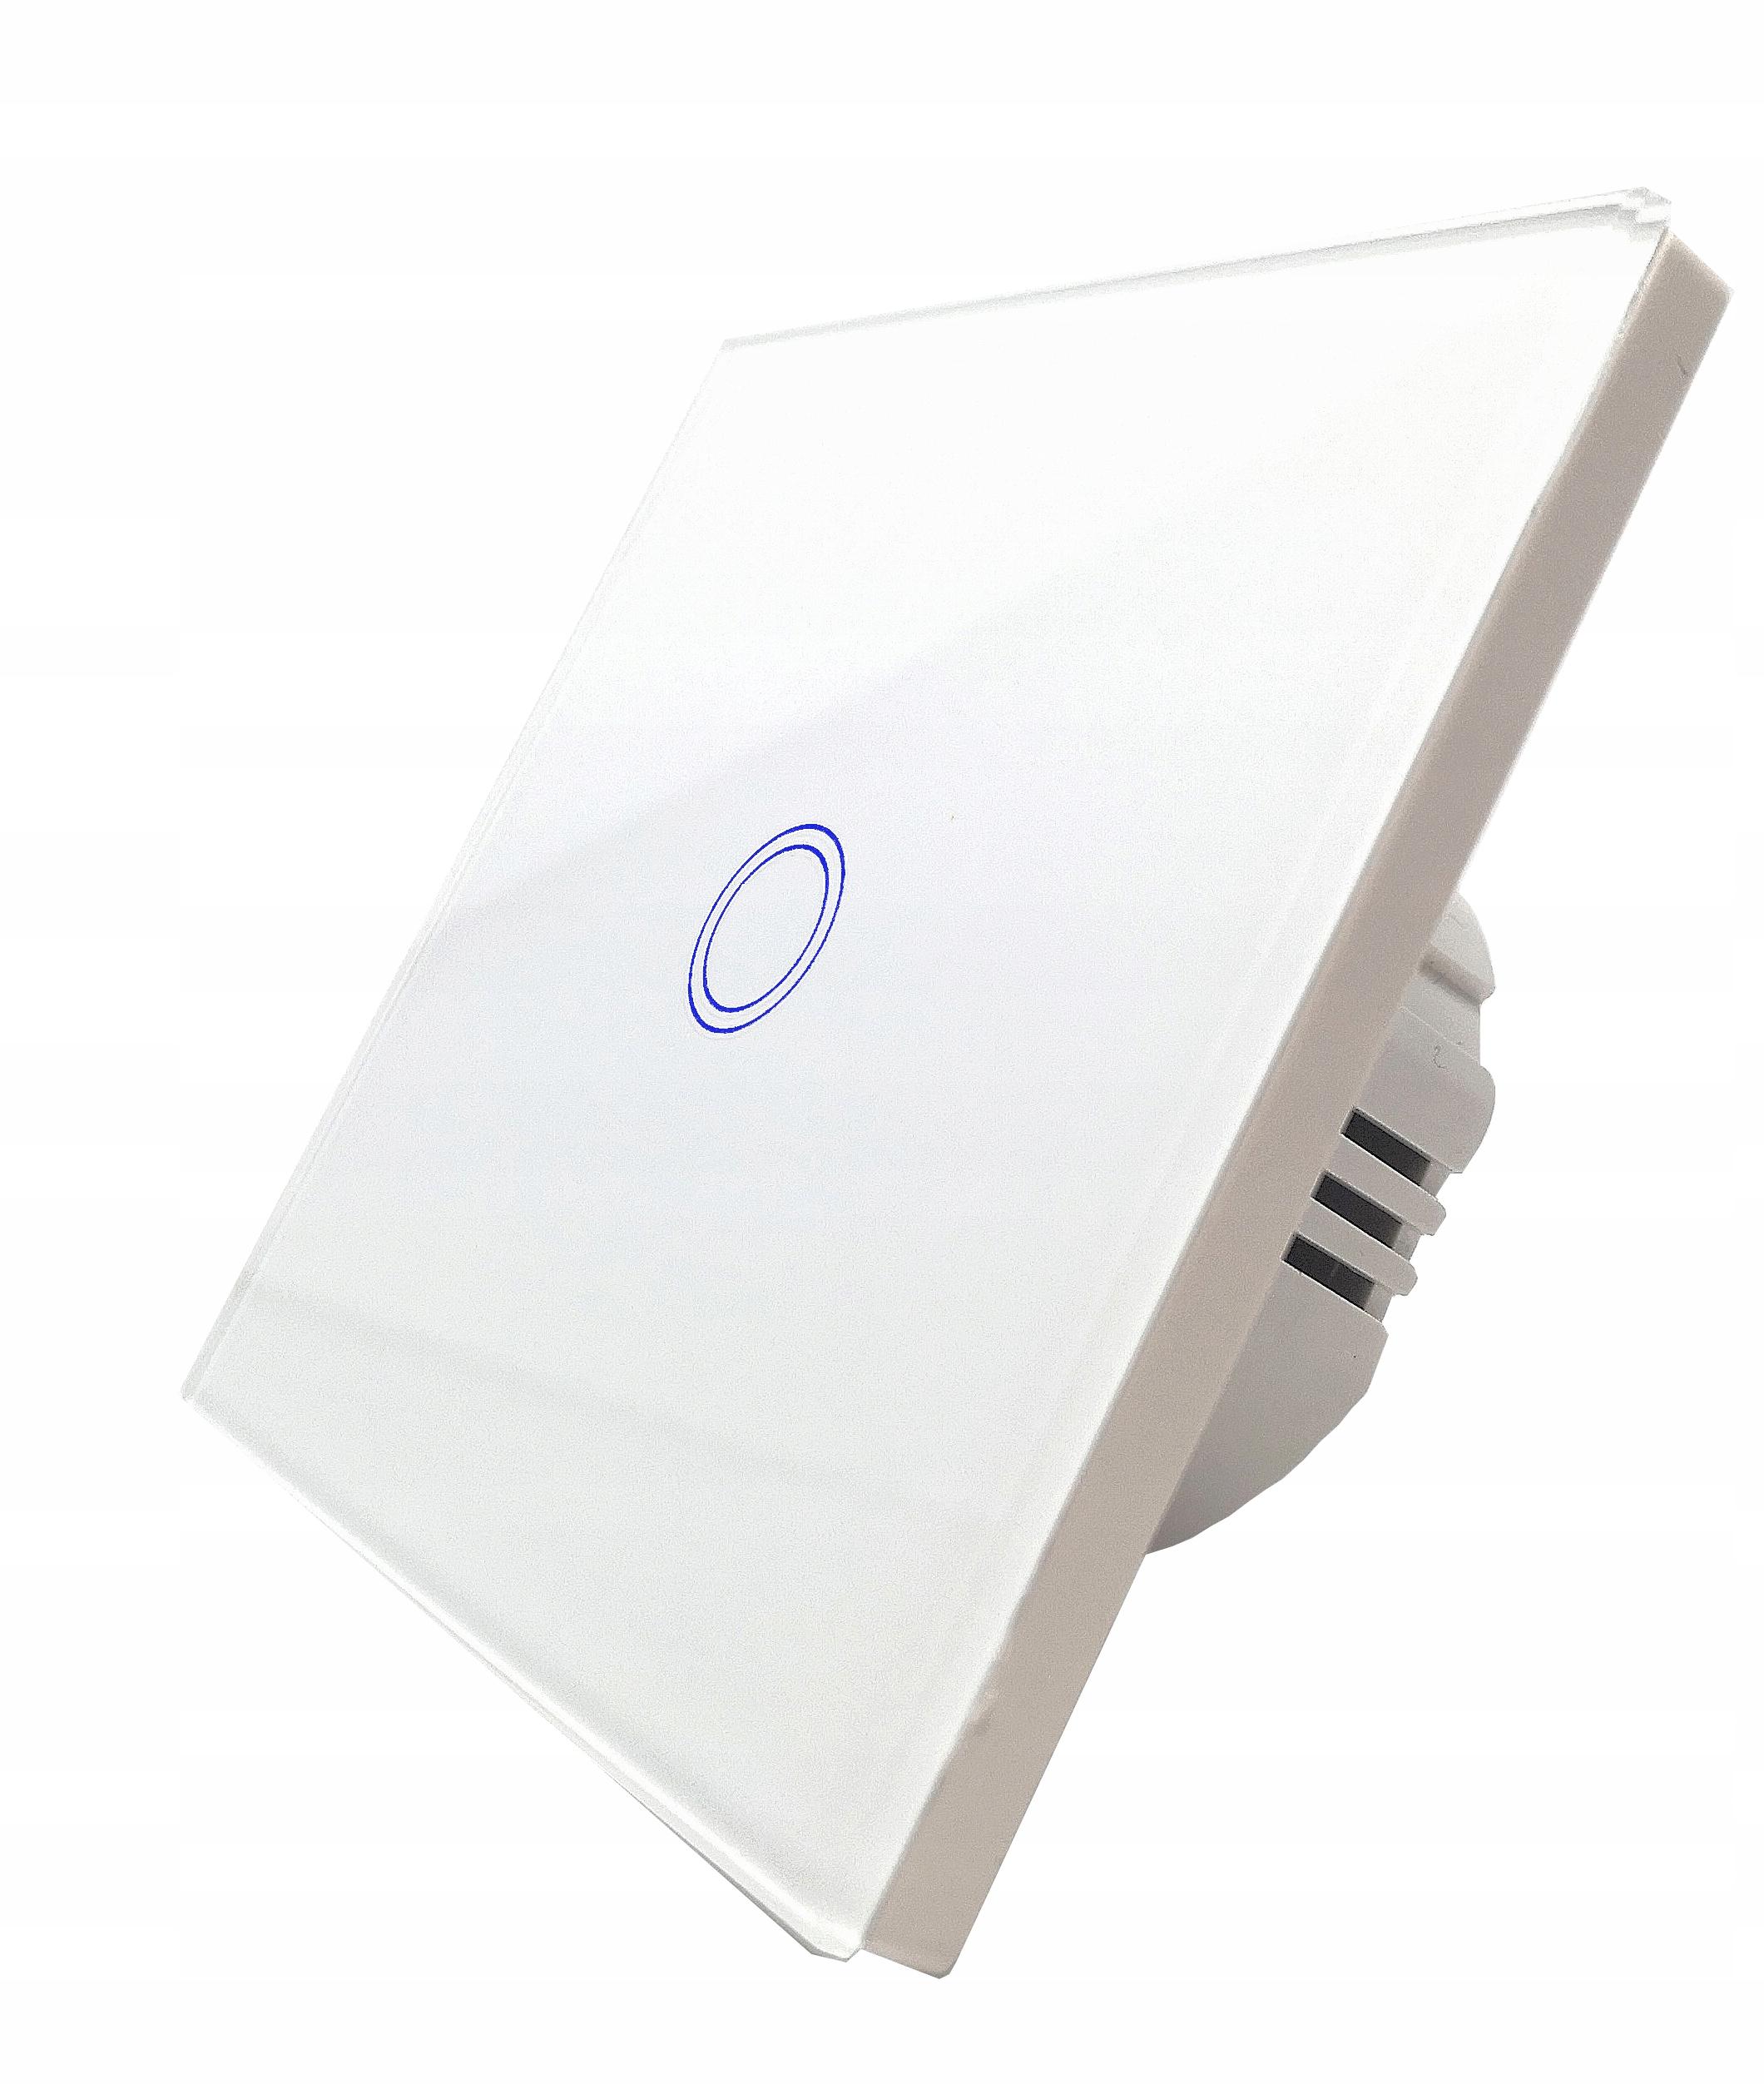 Выключатель Сенсорный СВЕТА Один , LED , стекло